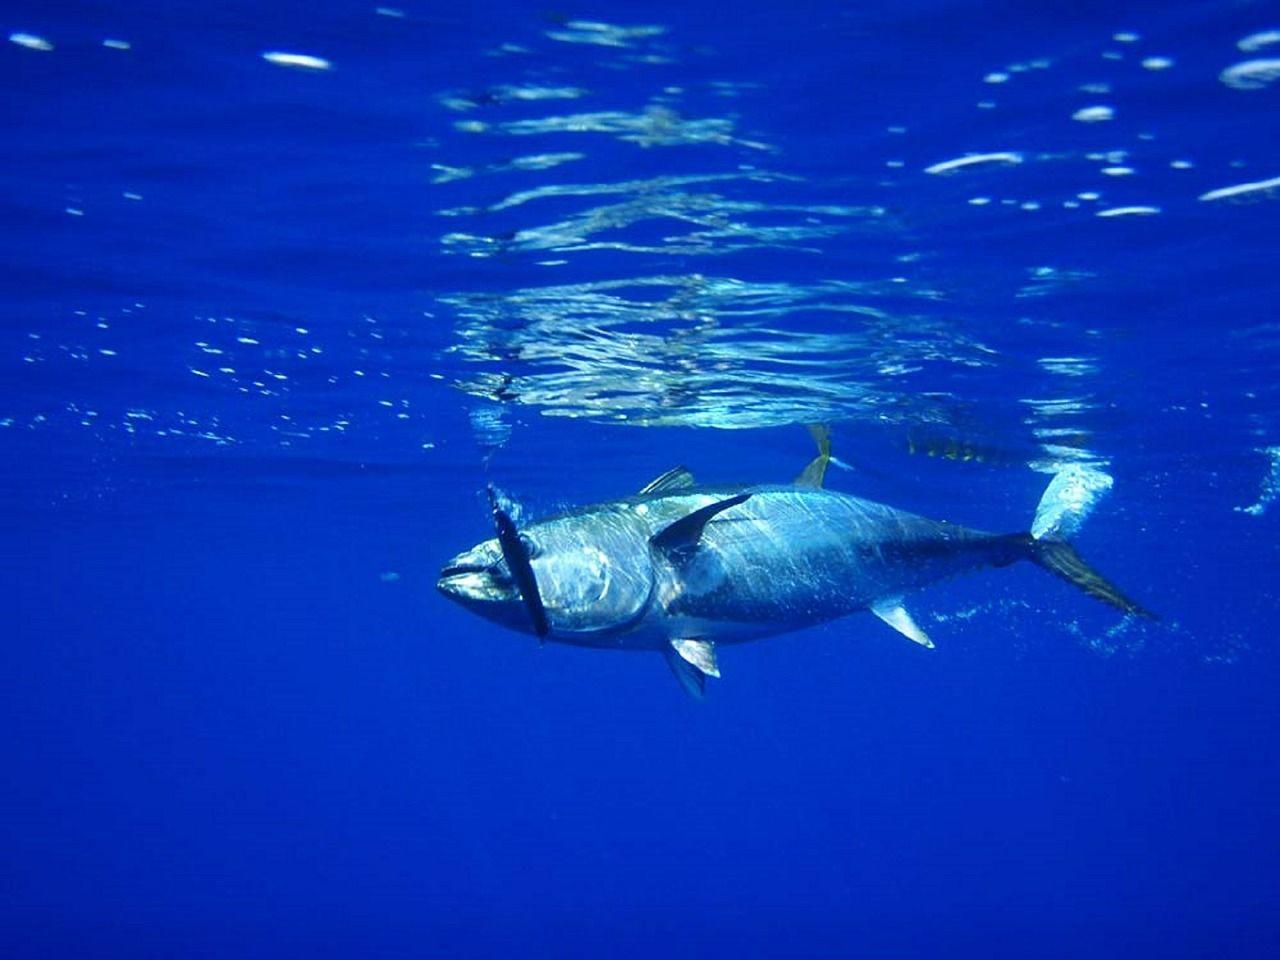 Купить фото тунца? Скачайте бесплатно